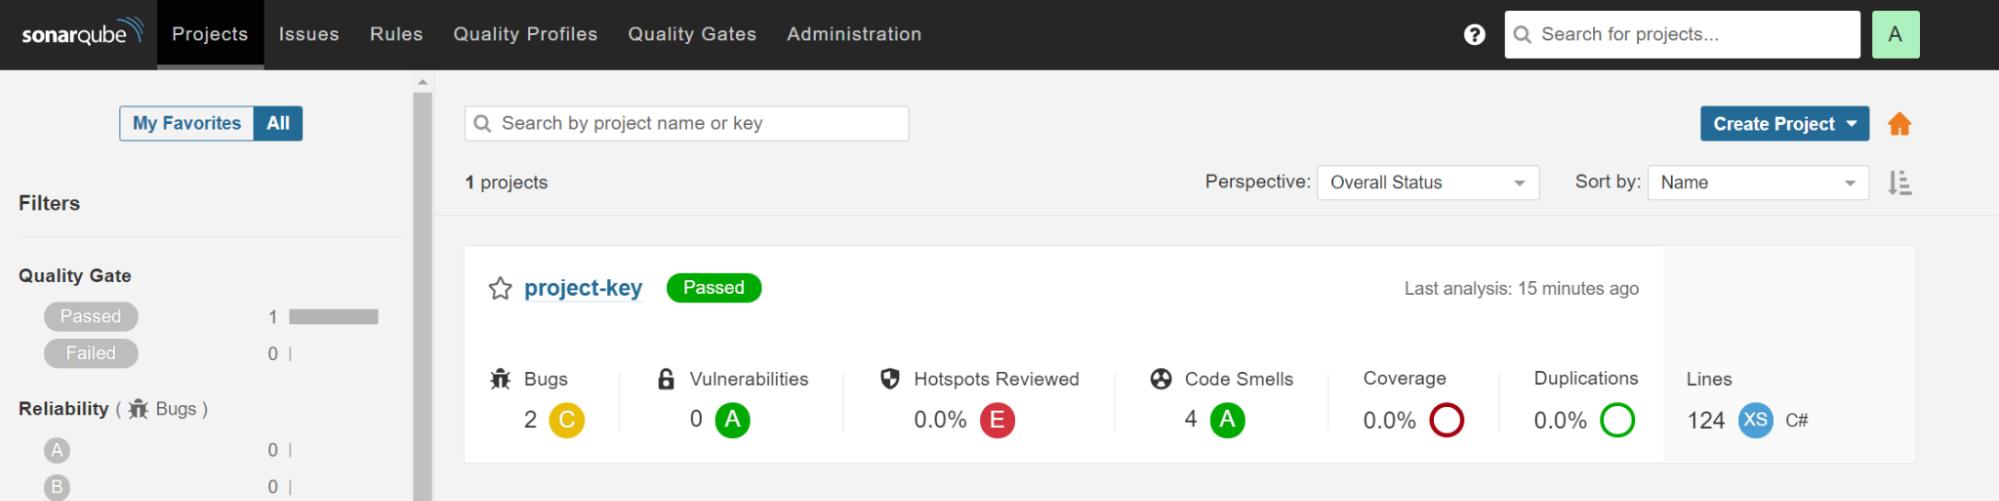 Screenshot of SonarQube Analysis Results